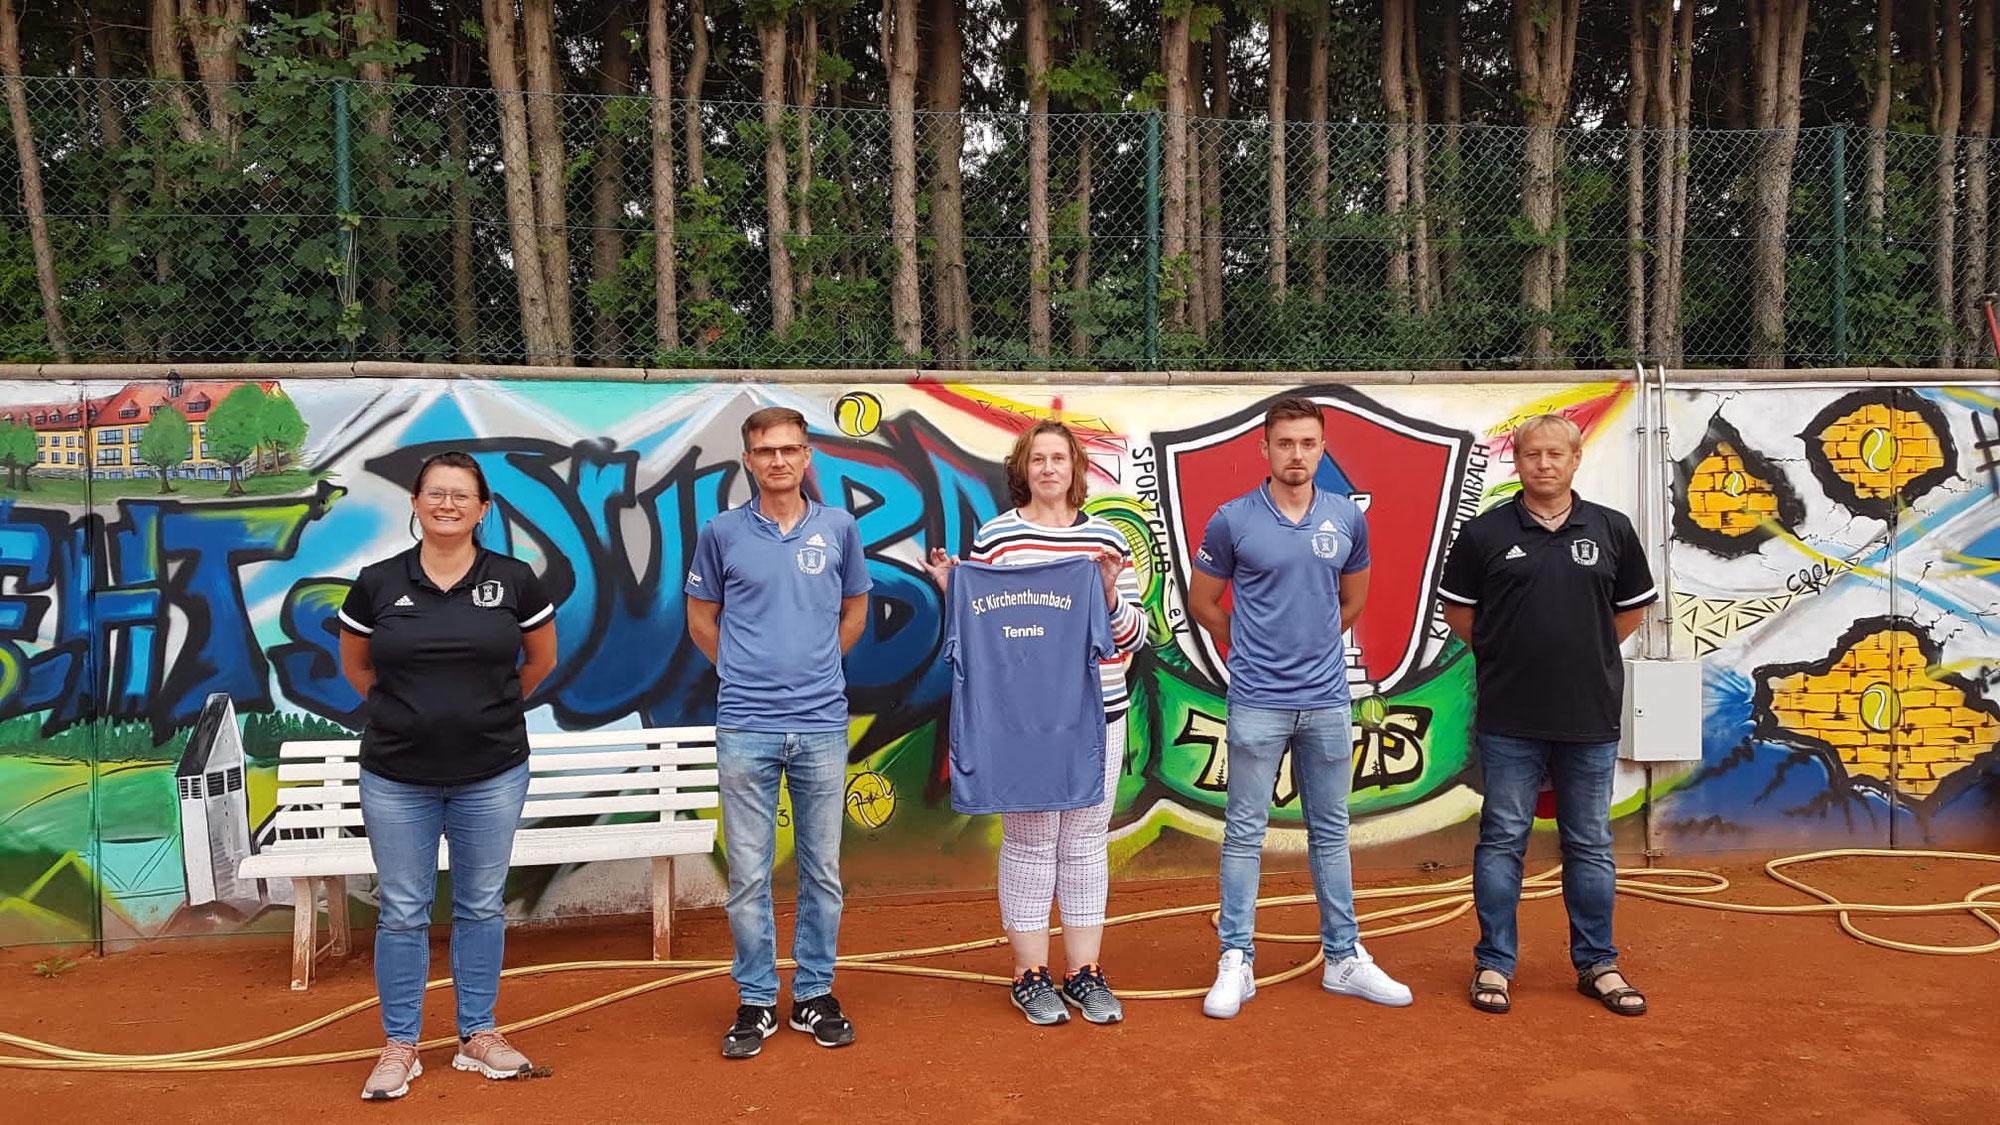 Autoteile Pöllath stattet Tennisabteilung mit Adidas Poloshirts aus